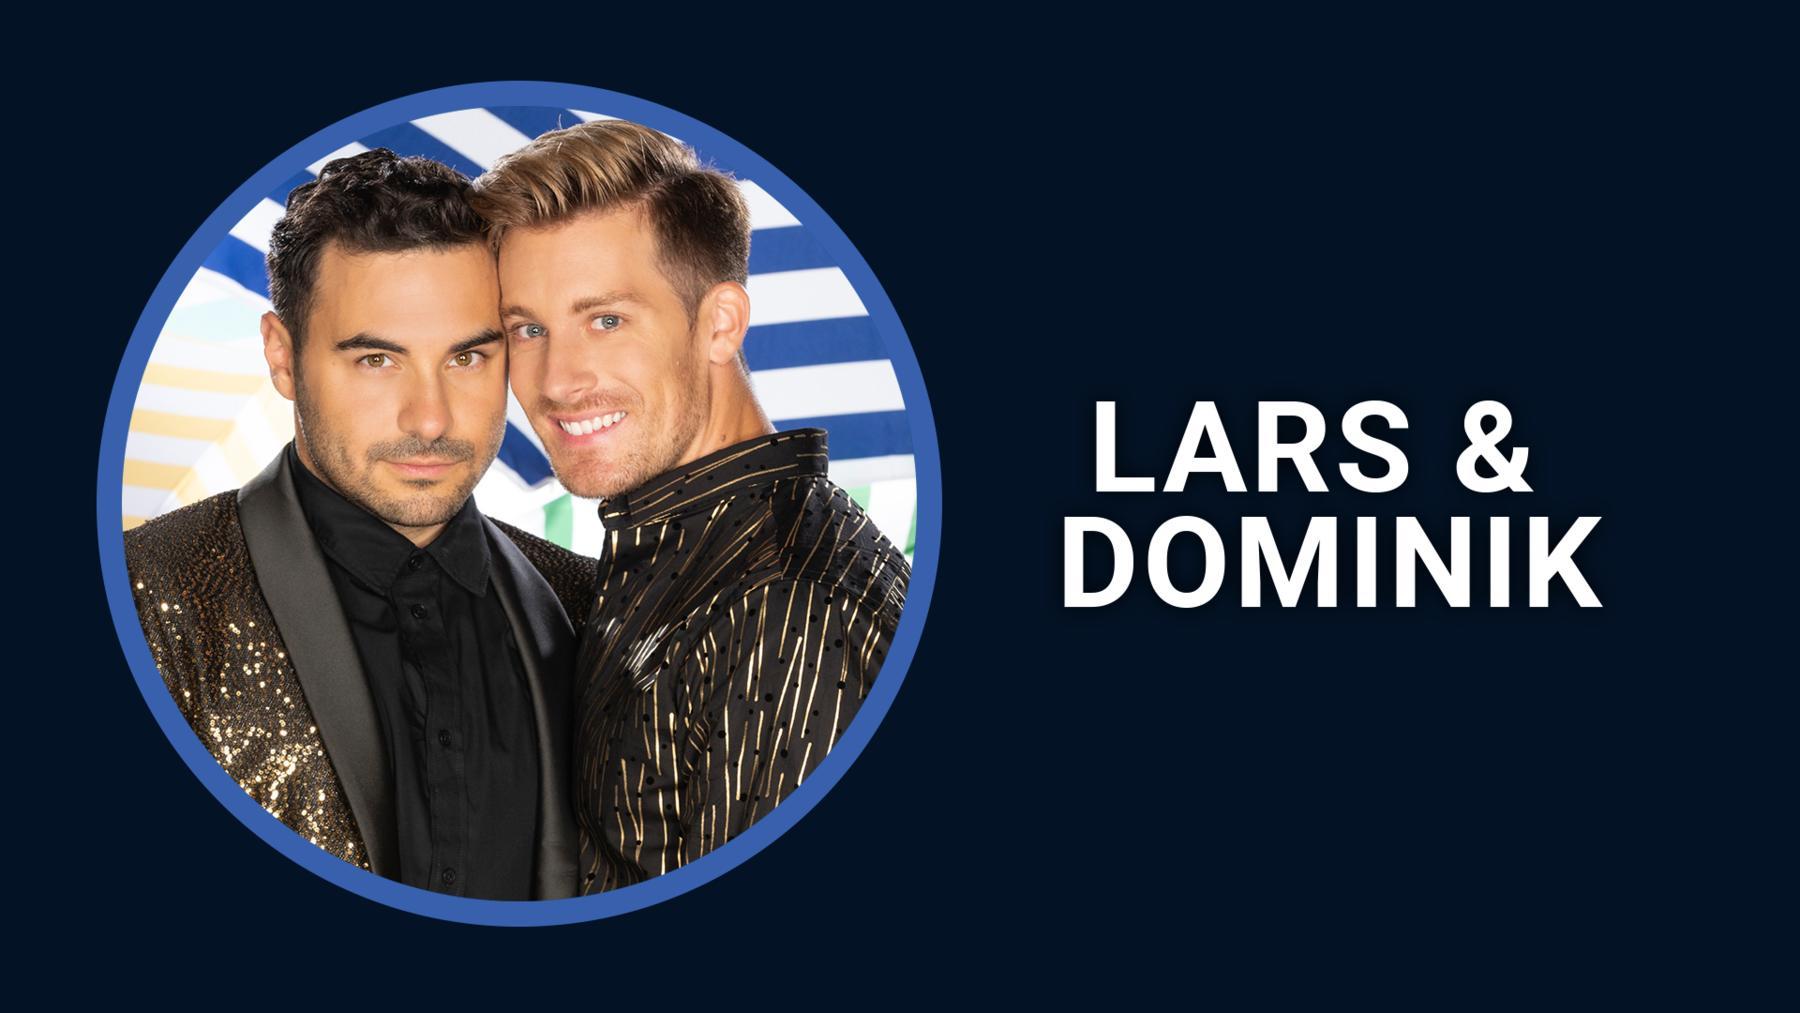 Lars & Dominik